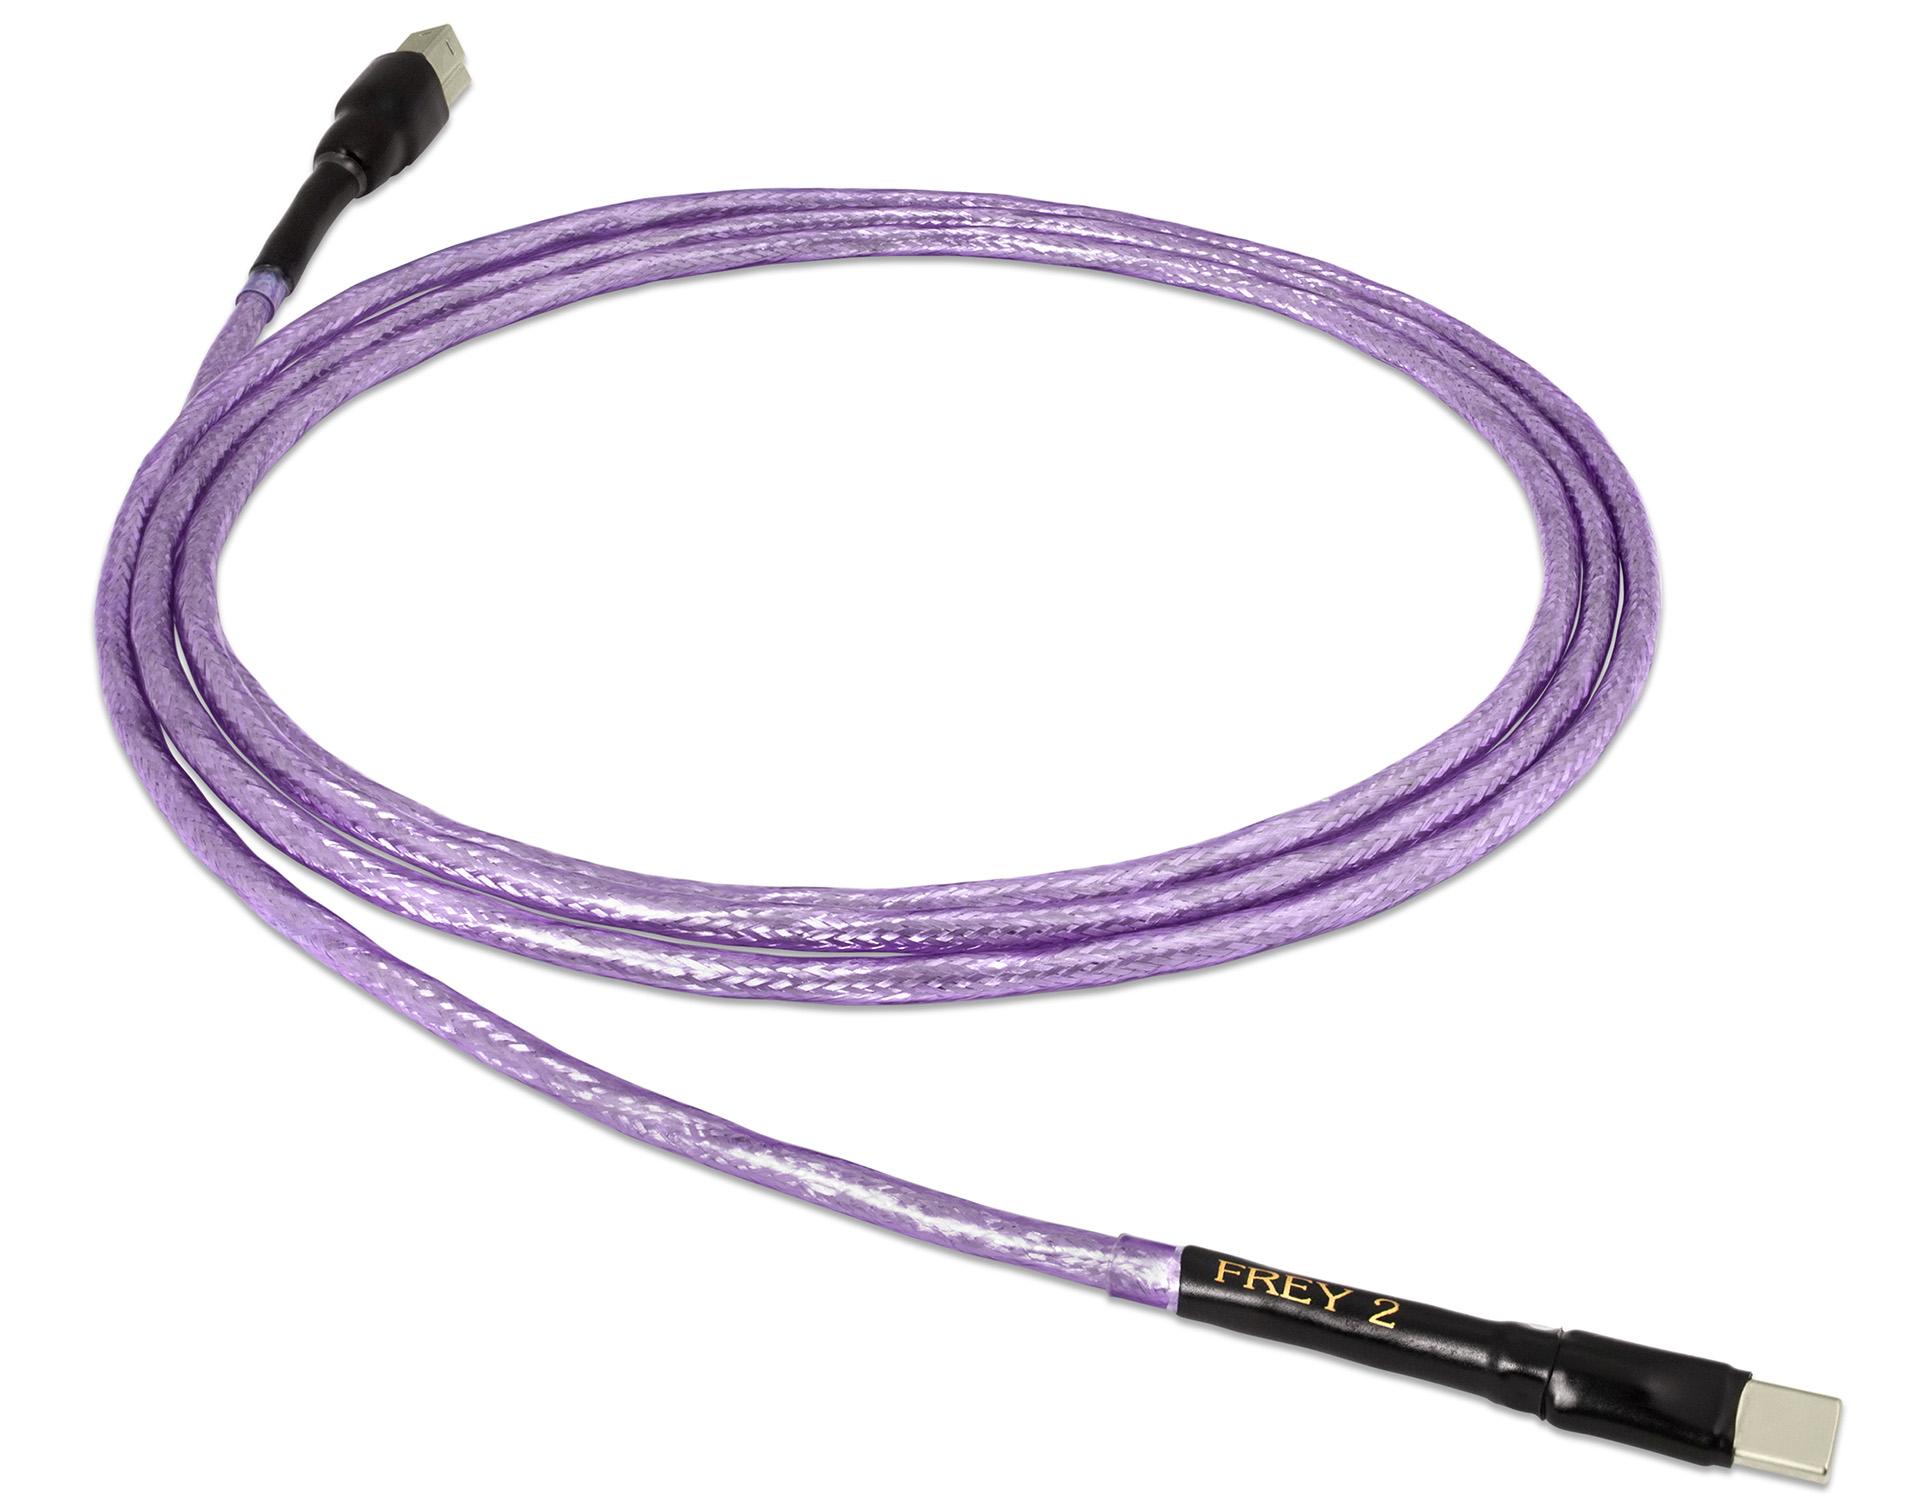 Кабели с разъёмом USB-C от Nordost – важный аксессуар для устройств Apple